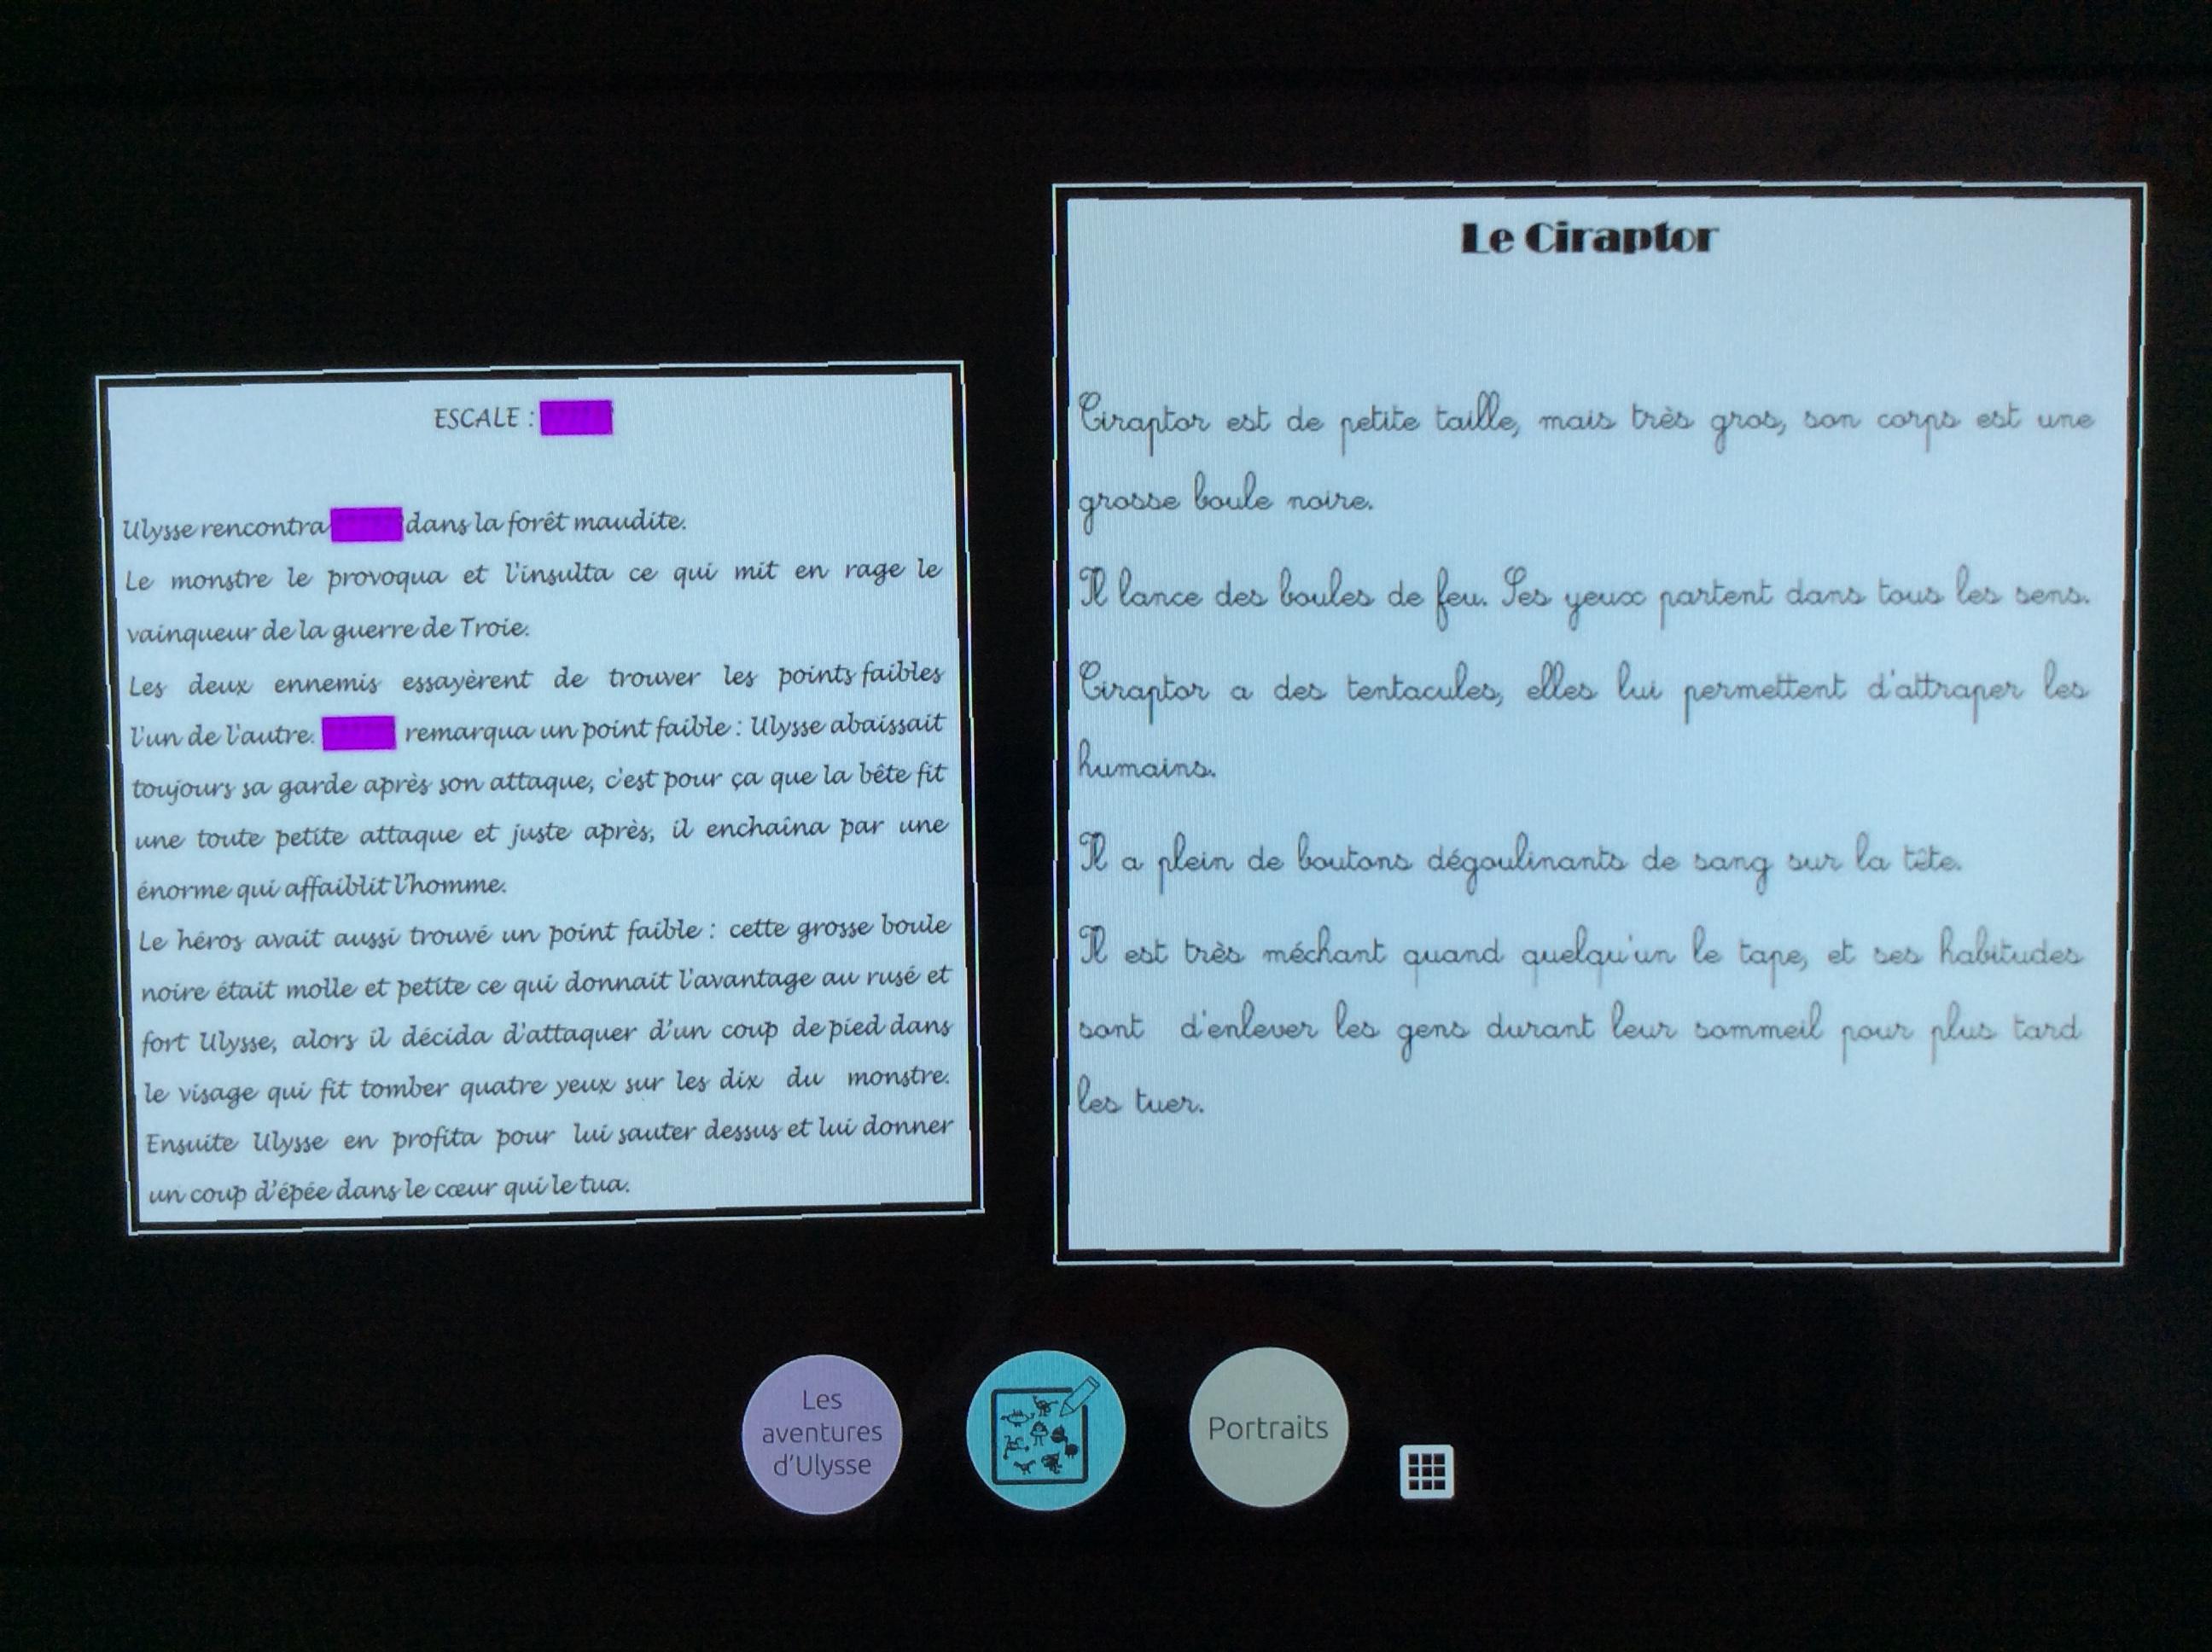 Photo de fiche collège à gauche et fiche école à droite sur l'écran d'une table tactile.